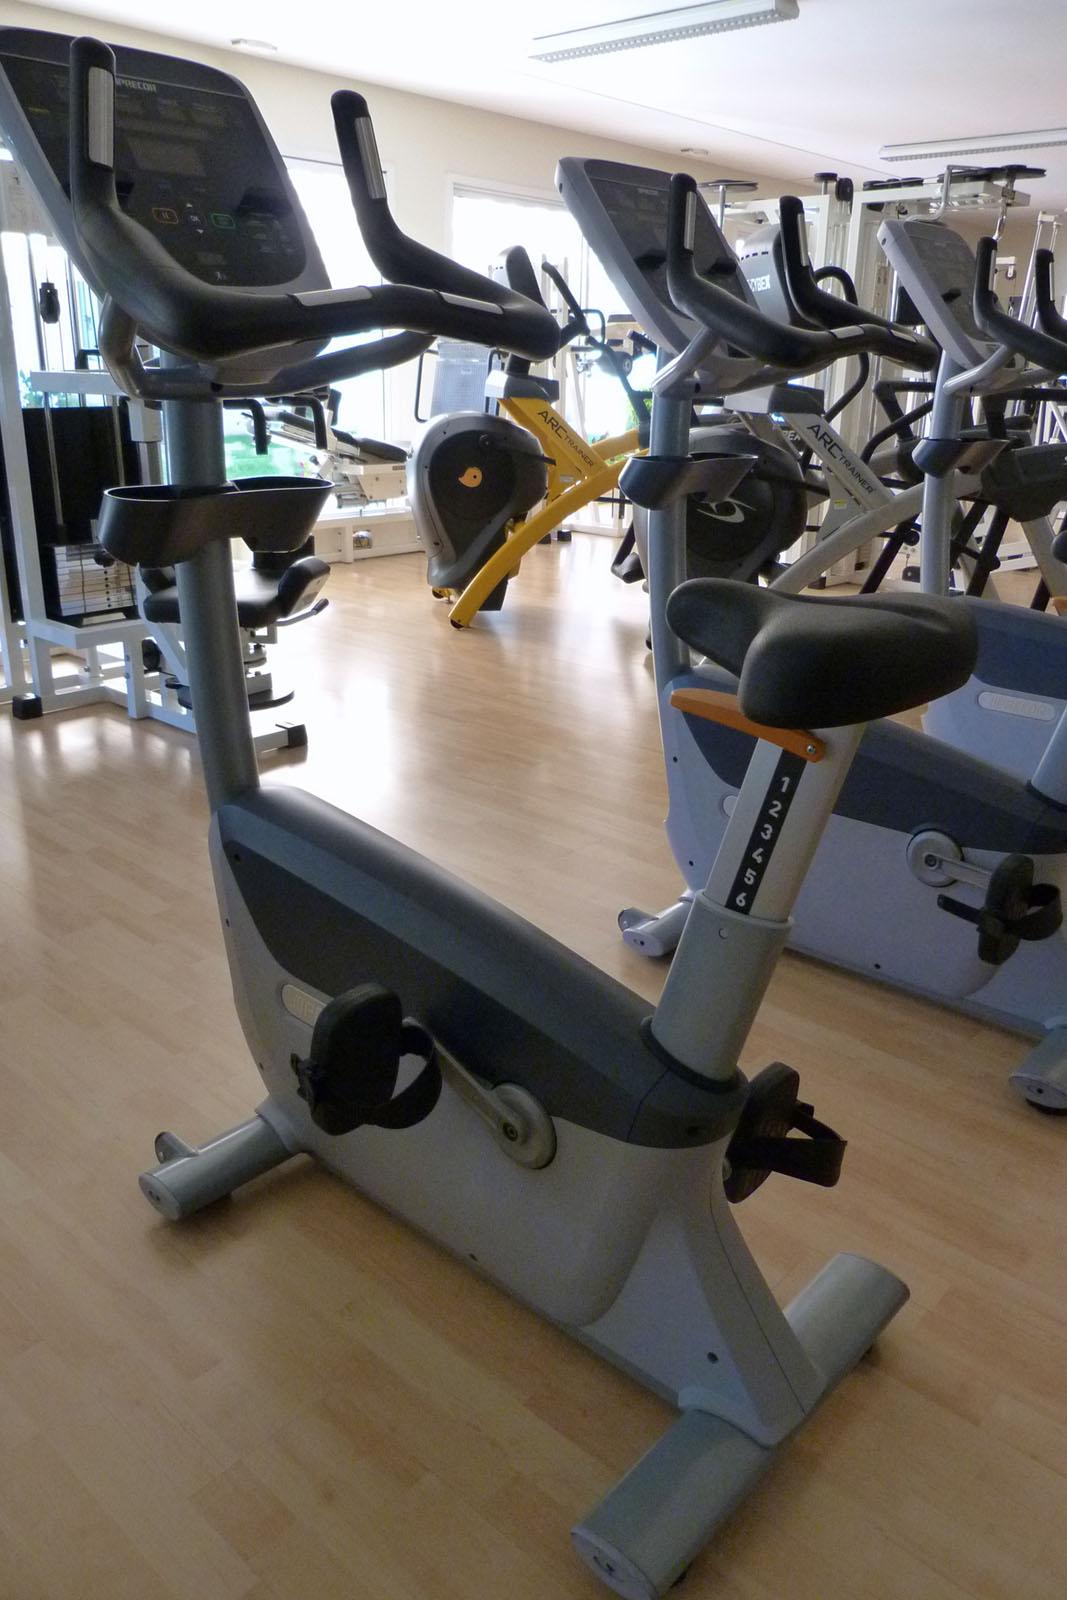 Salle de sport Bergerac Vélo droit UBK 835 Precor 1